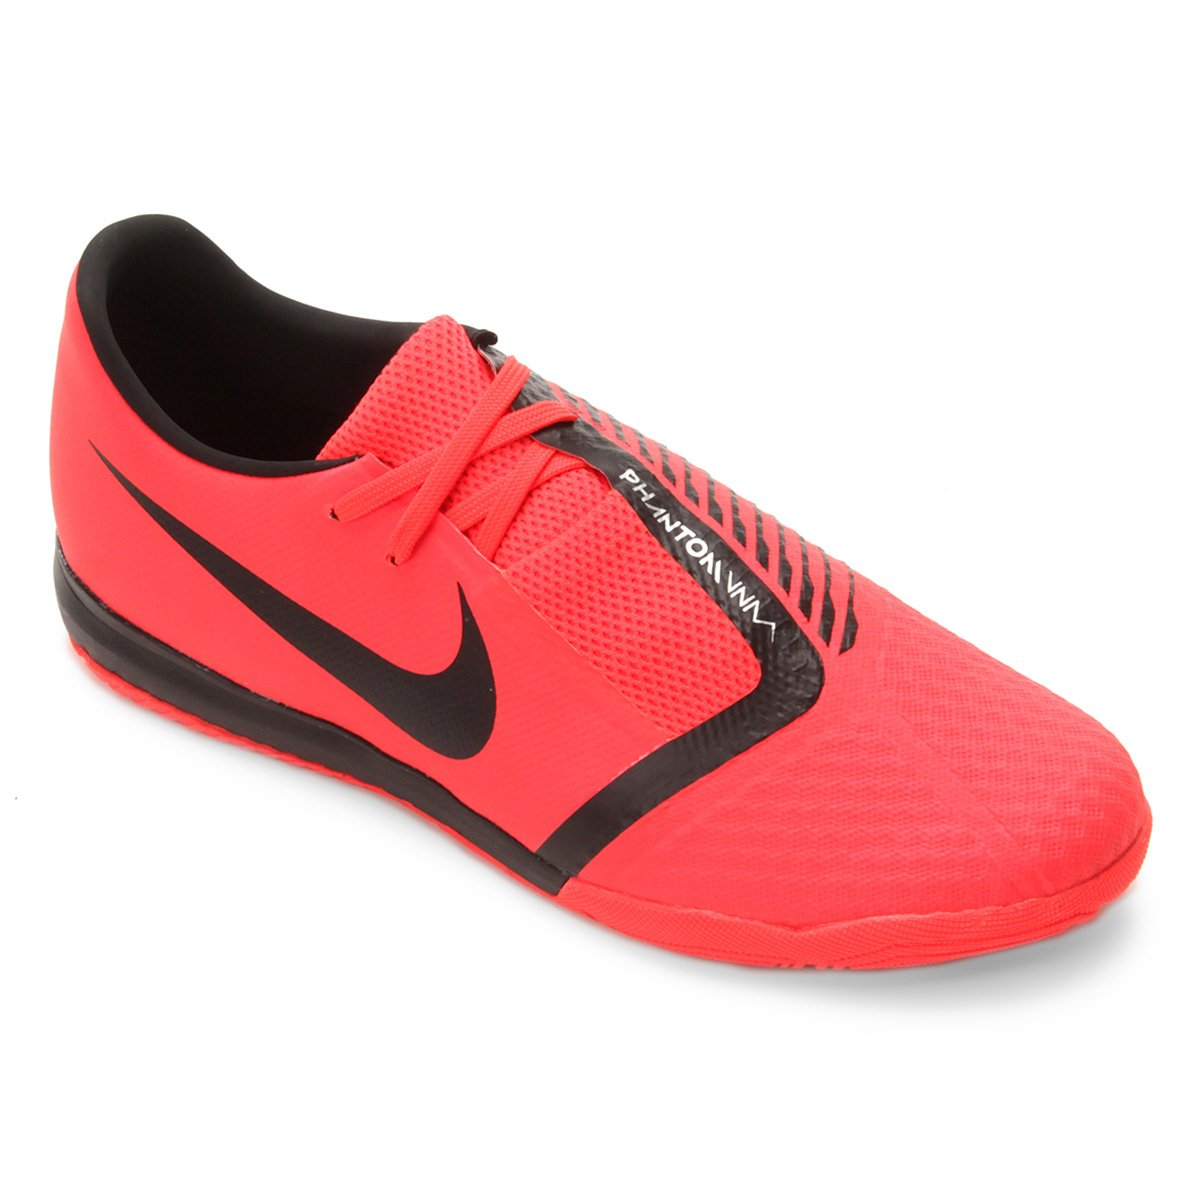 1b41fbffad Chuteira Futsal Nike Phantom Venom Academy IC - Vermelho e Preto ...